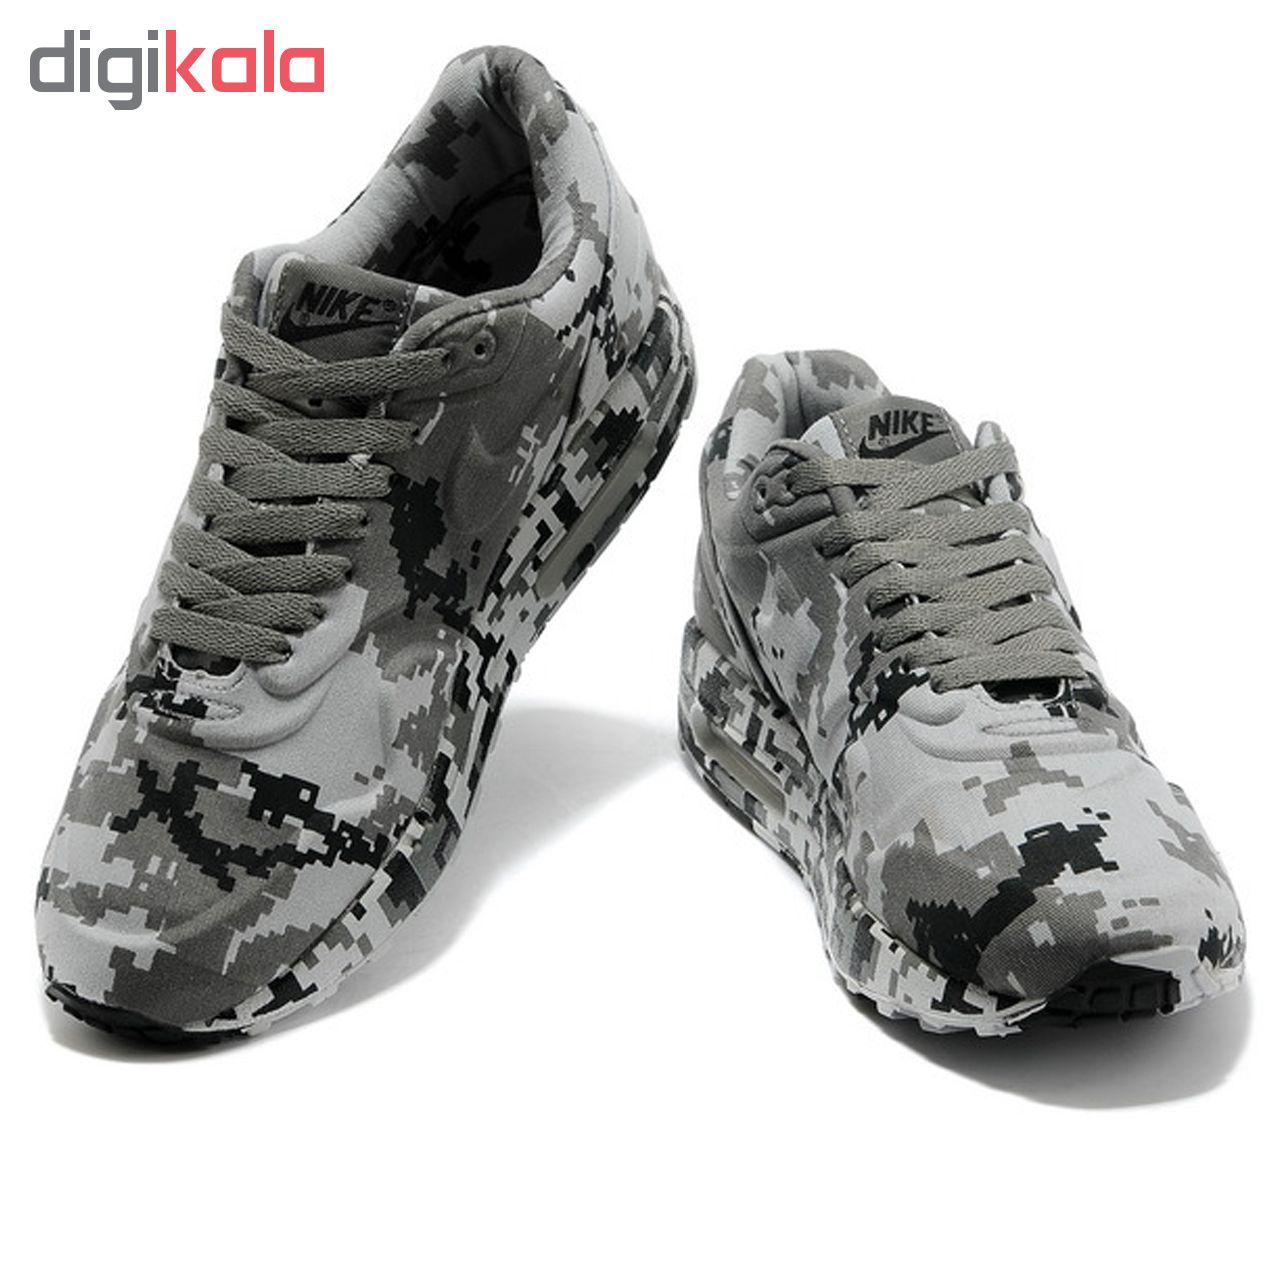 کفش مخصوص دویدن مردانه نایکی مدل Airmax کد  819316402